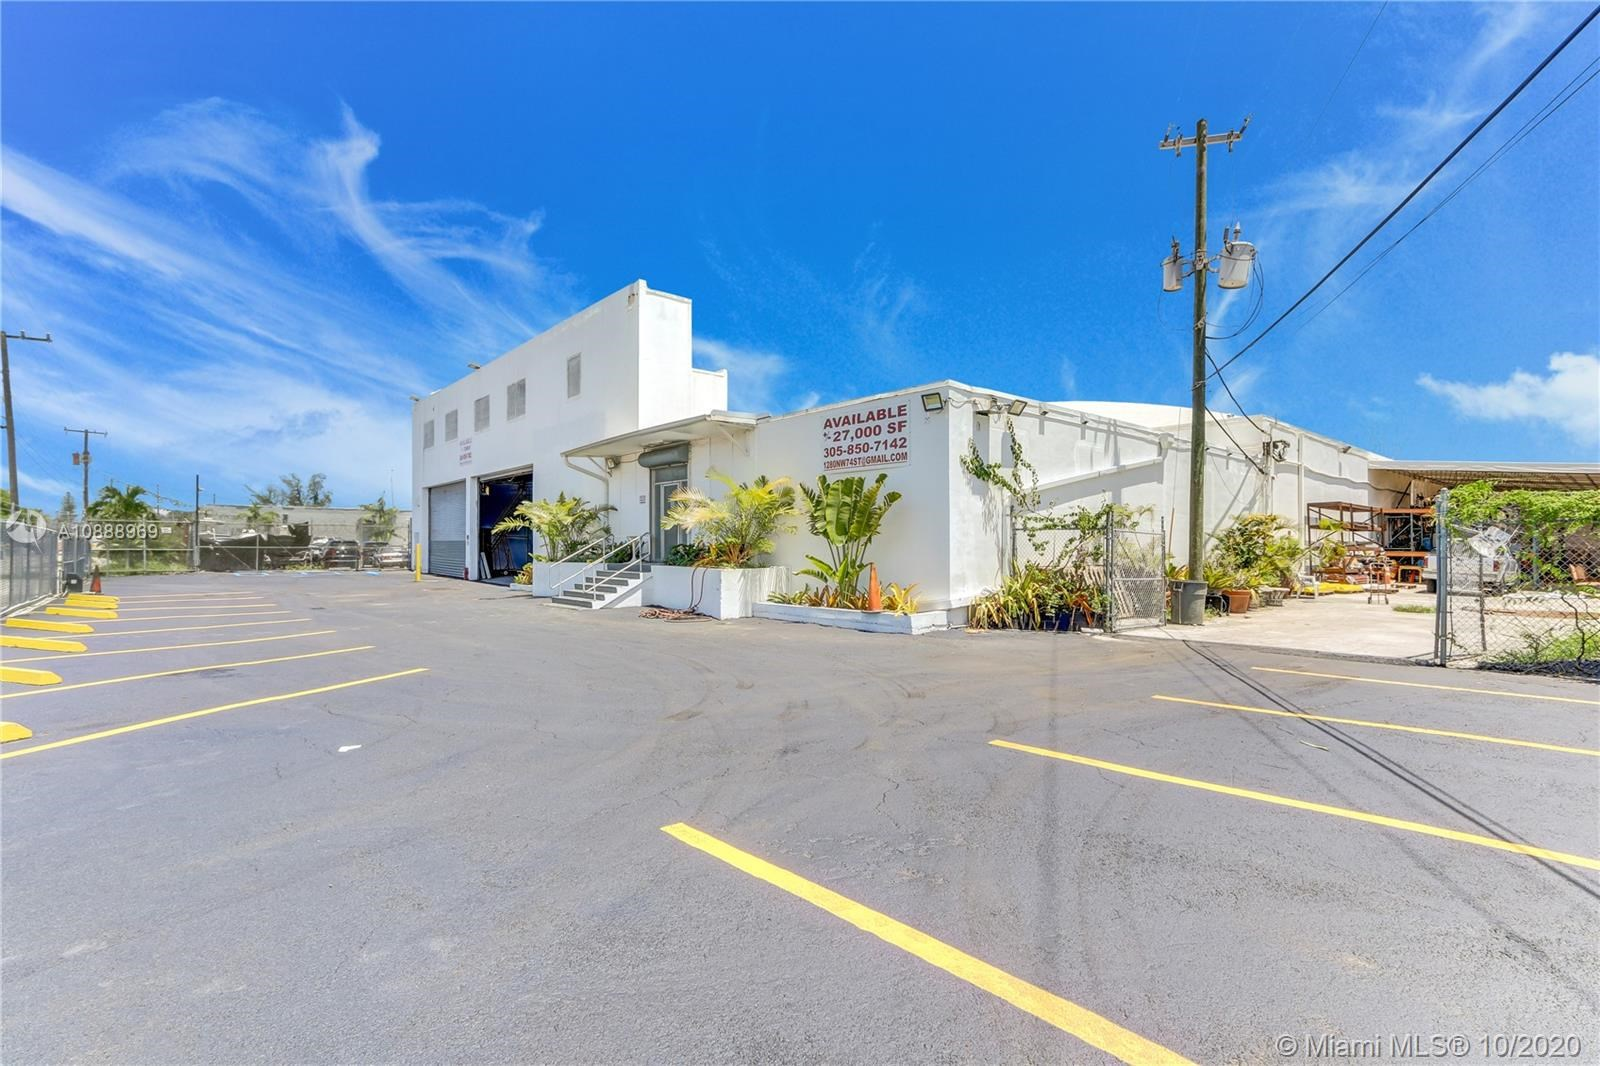 1280 NW 74th St, Miami, FL 33147